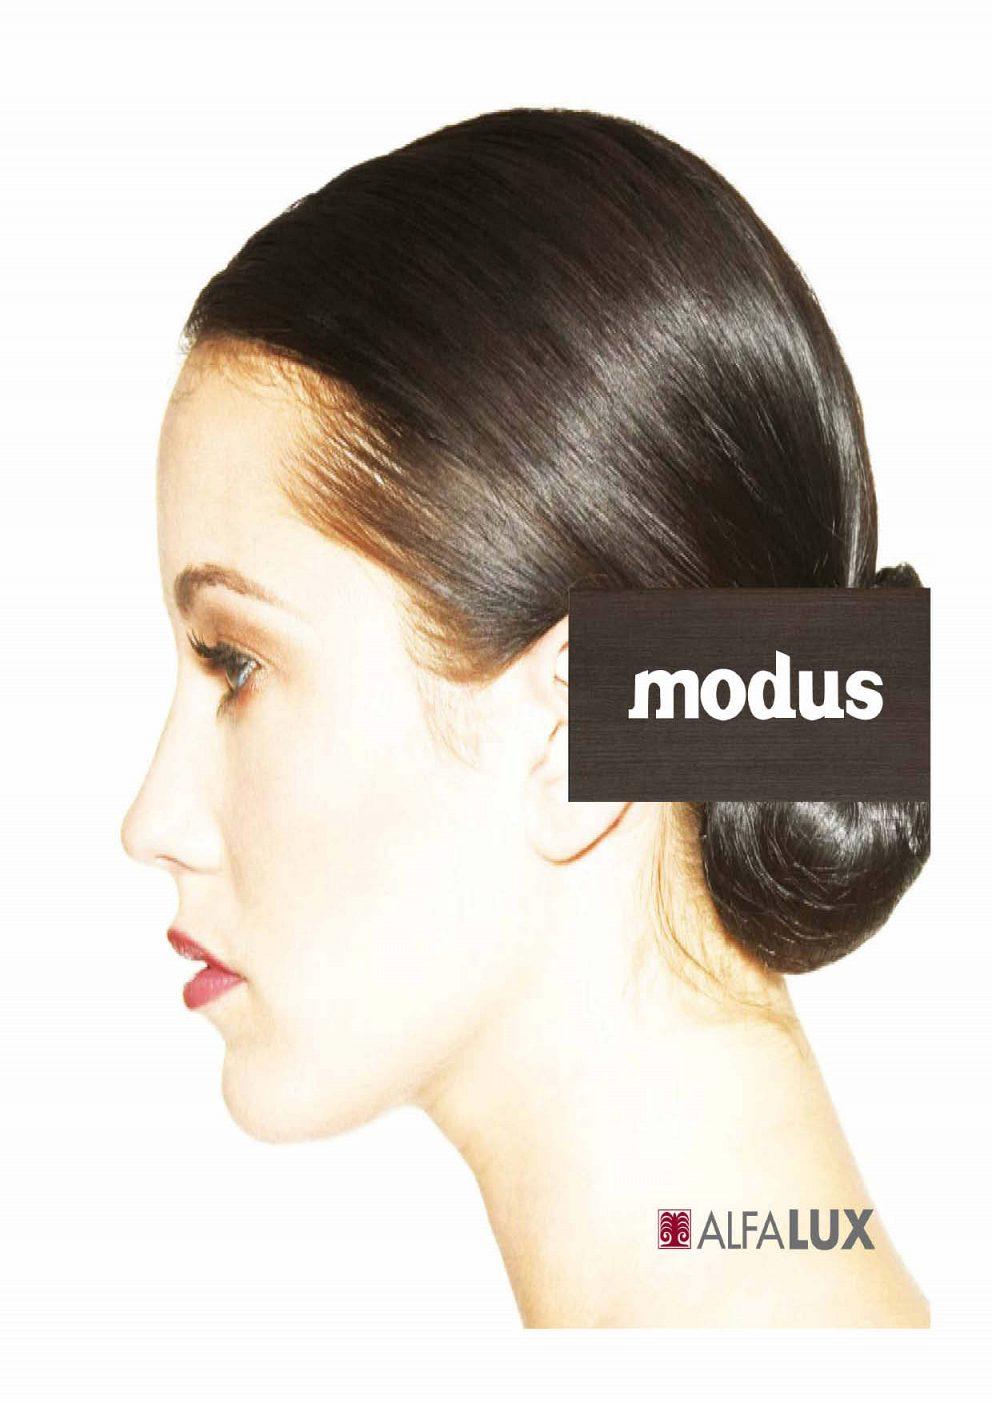 Alfalux - Modus